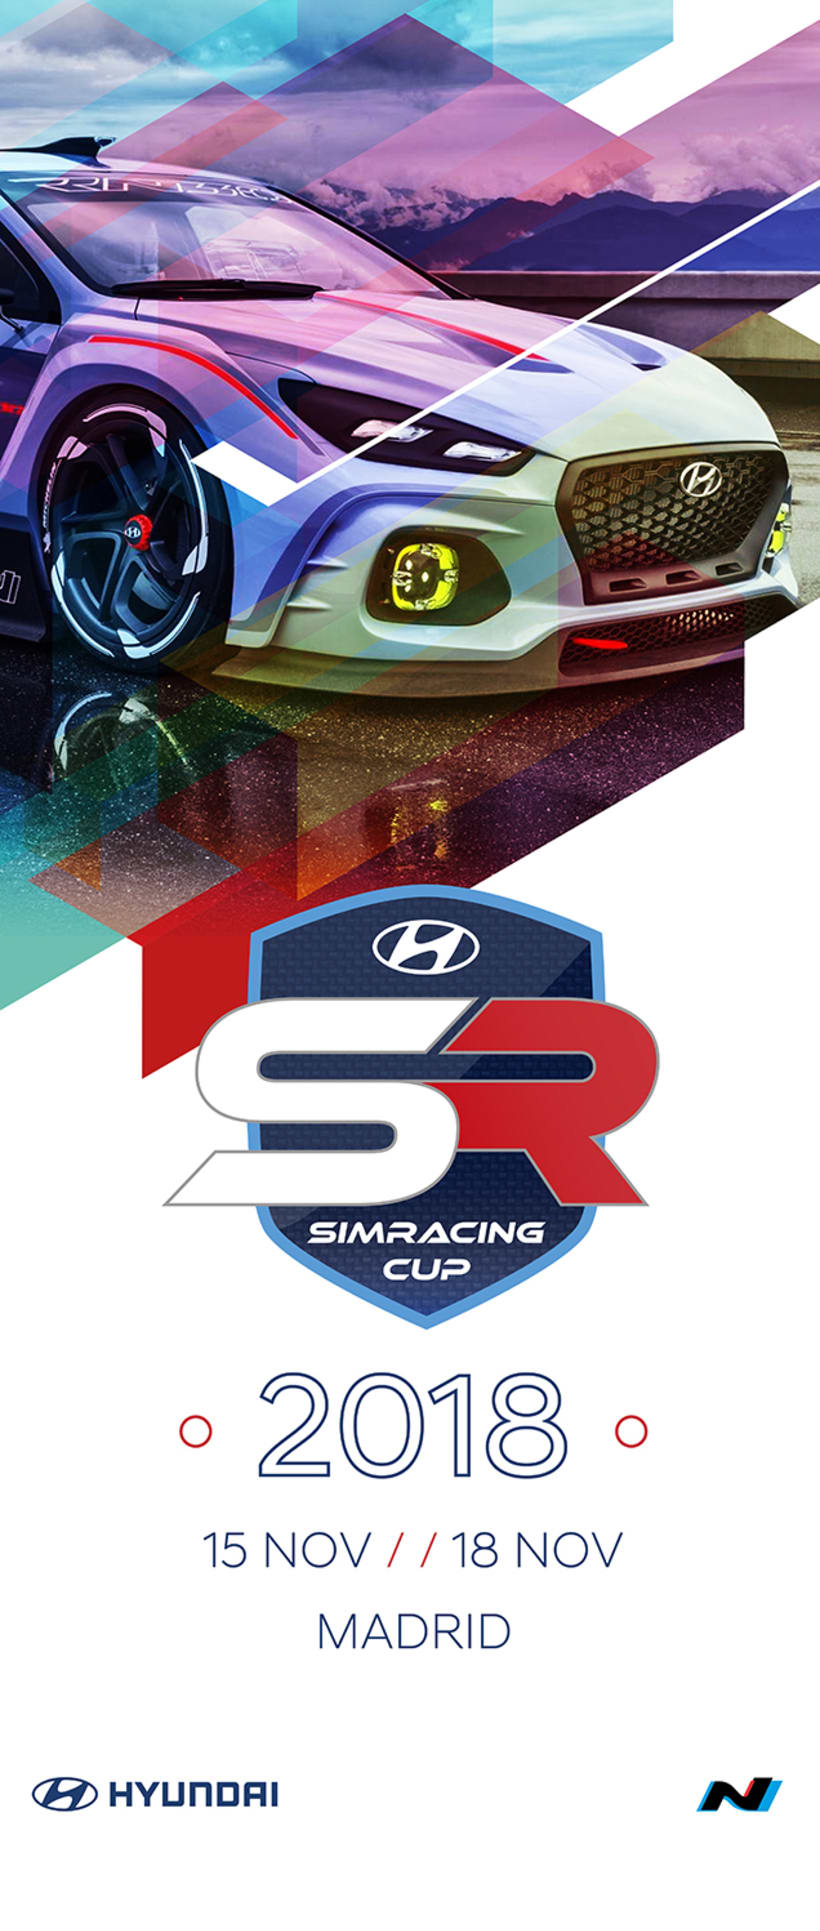 Hyundai eSports SIM RACING CUP propuesta 0